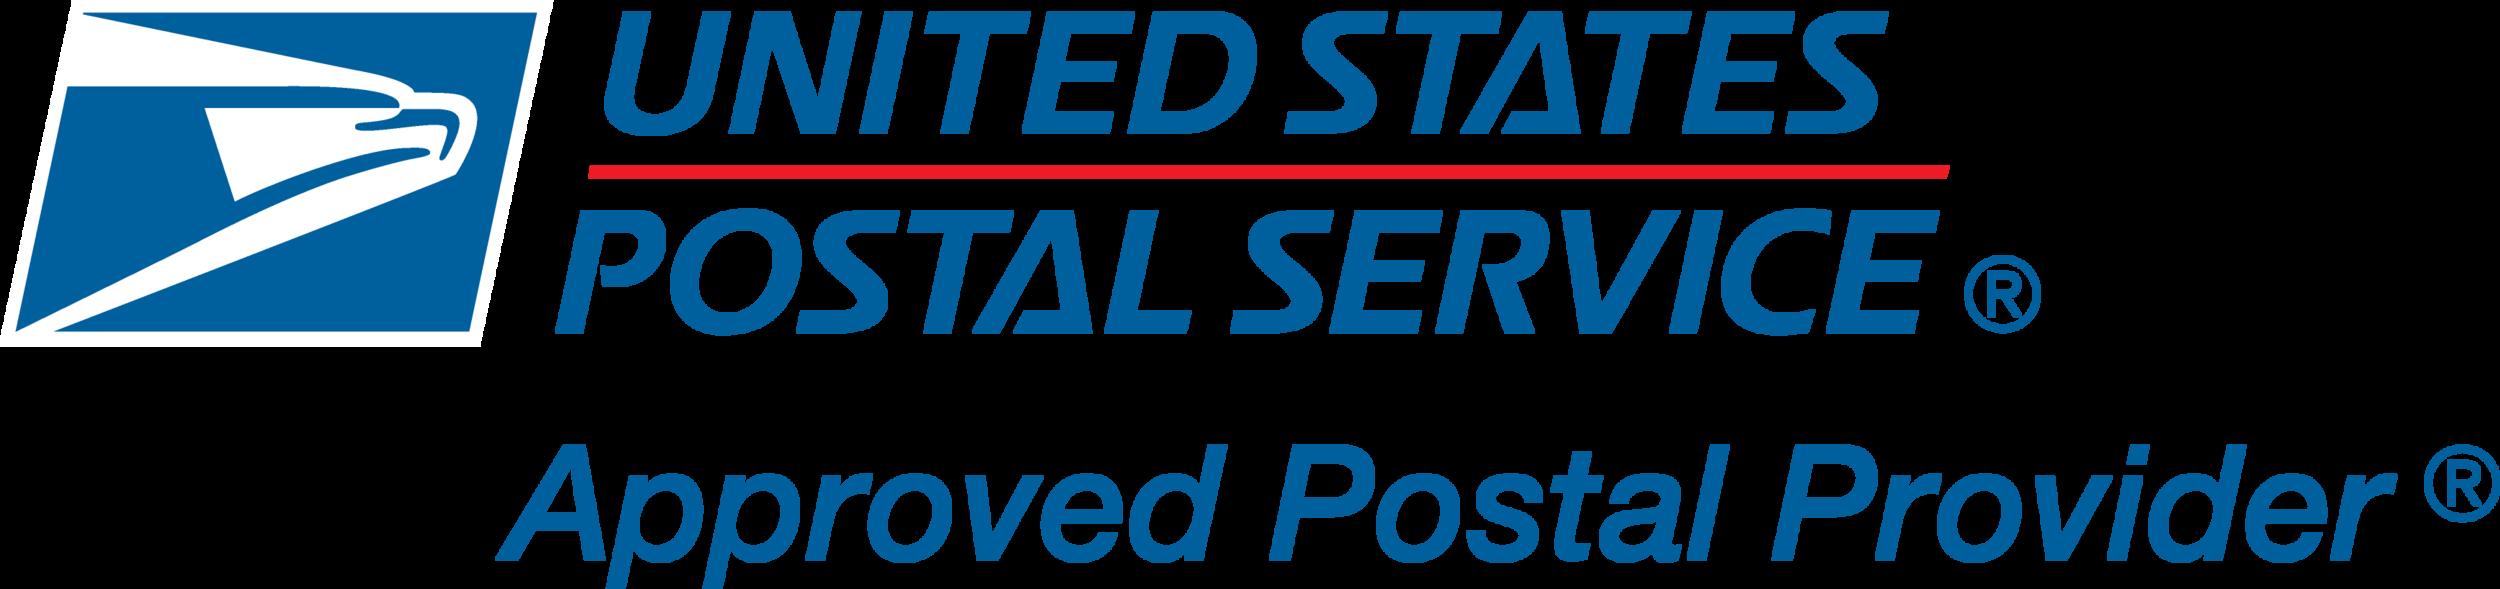 USPS Approved Postal Provider.png